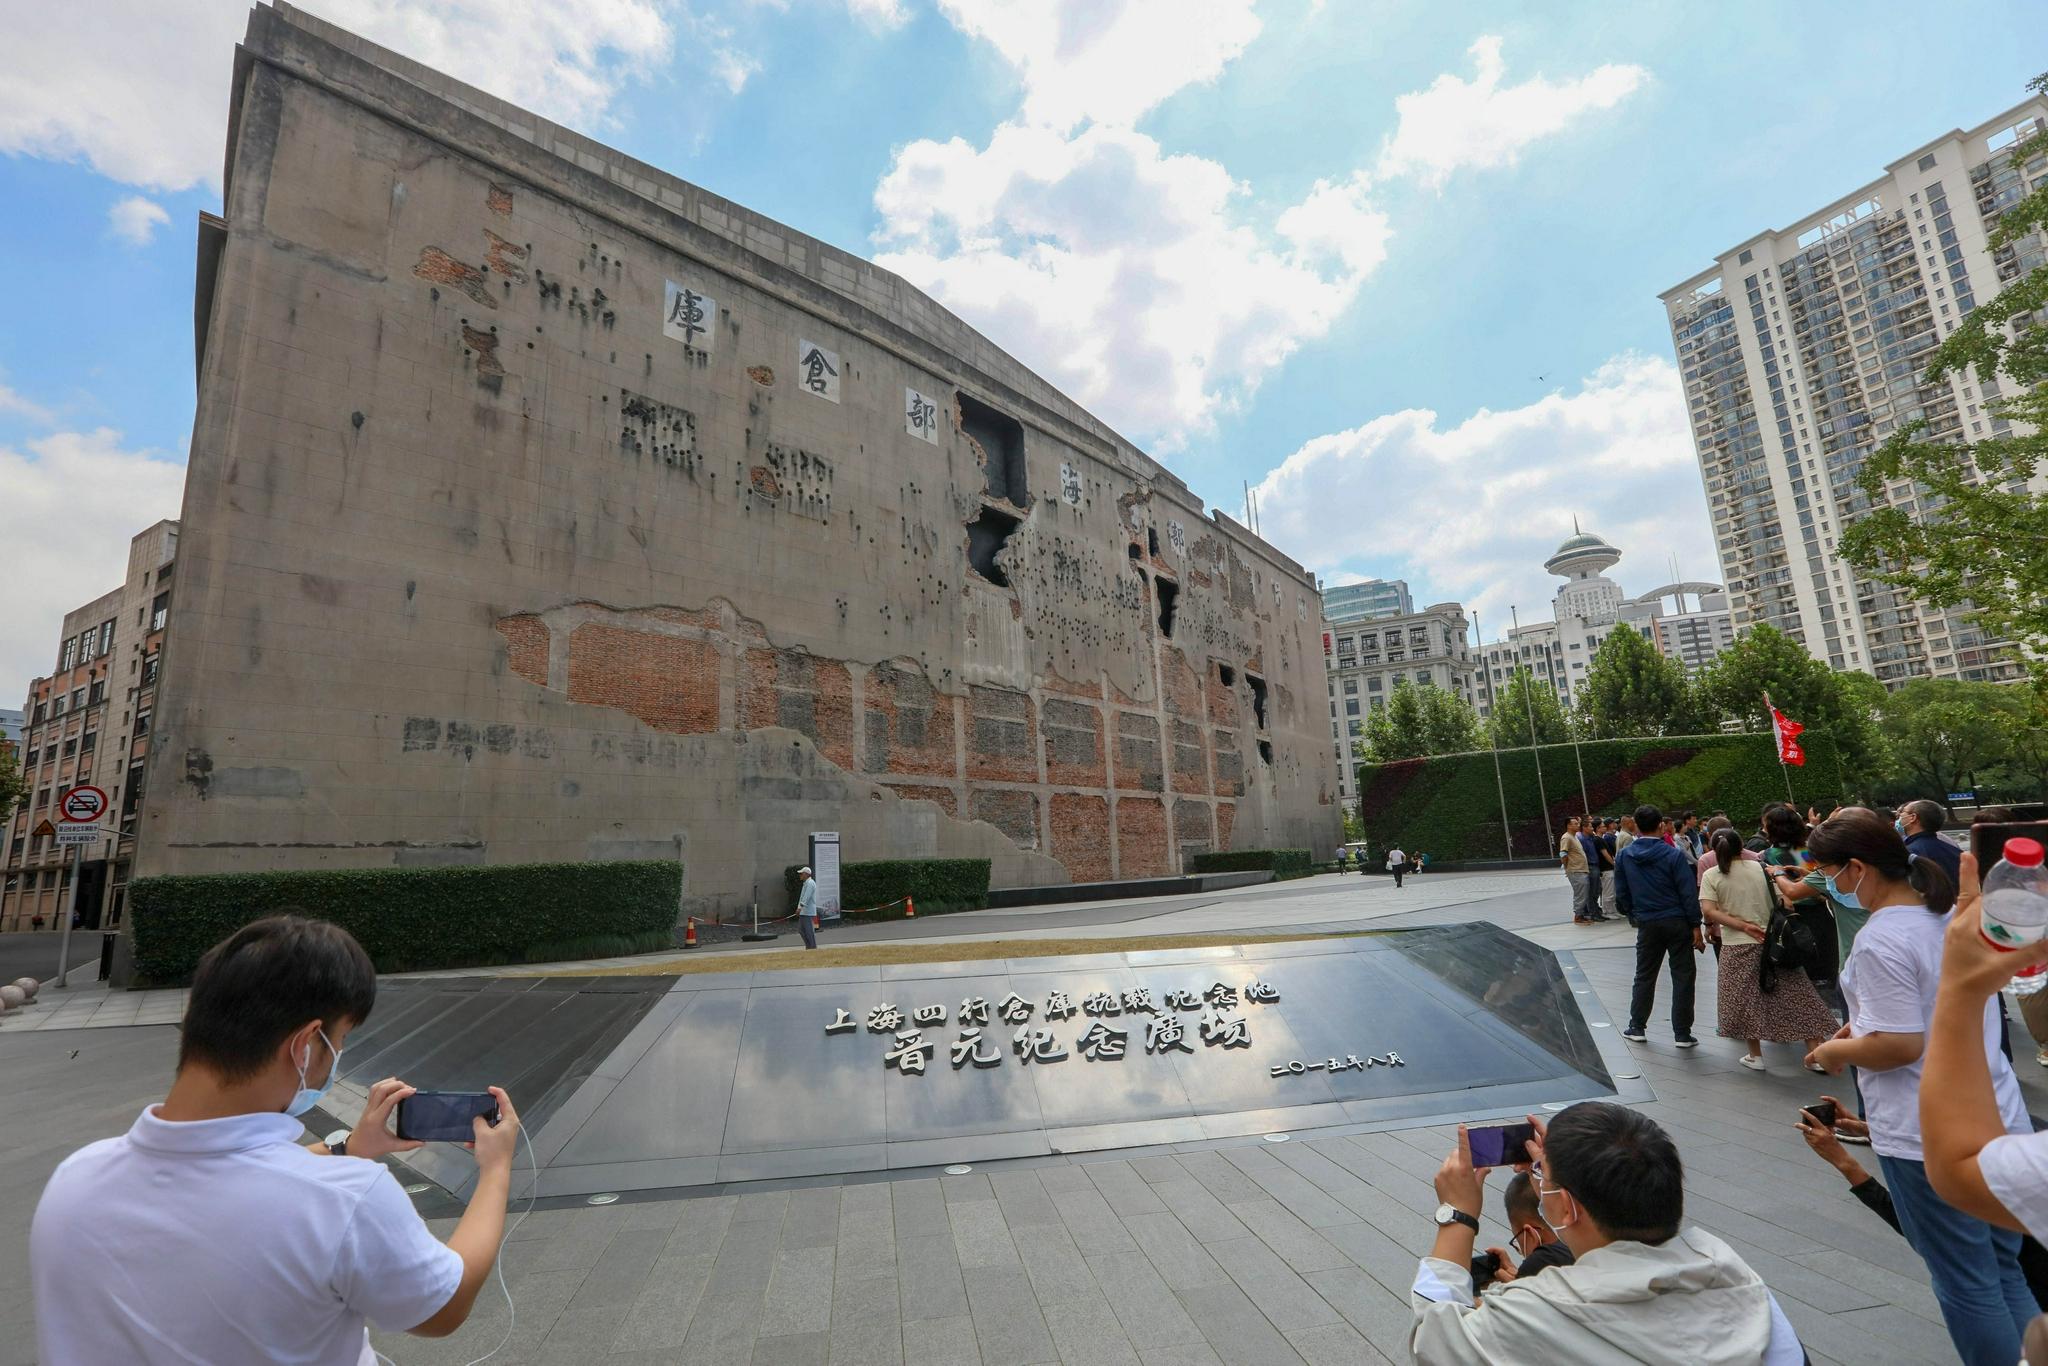 """1封家书、8个炮弹孔、""""八百壮士""""、65万参观者……探访上海四行仓库抗战纪念馆"""